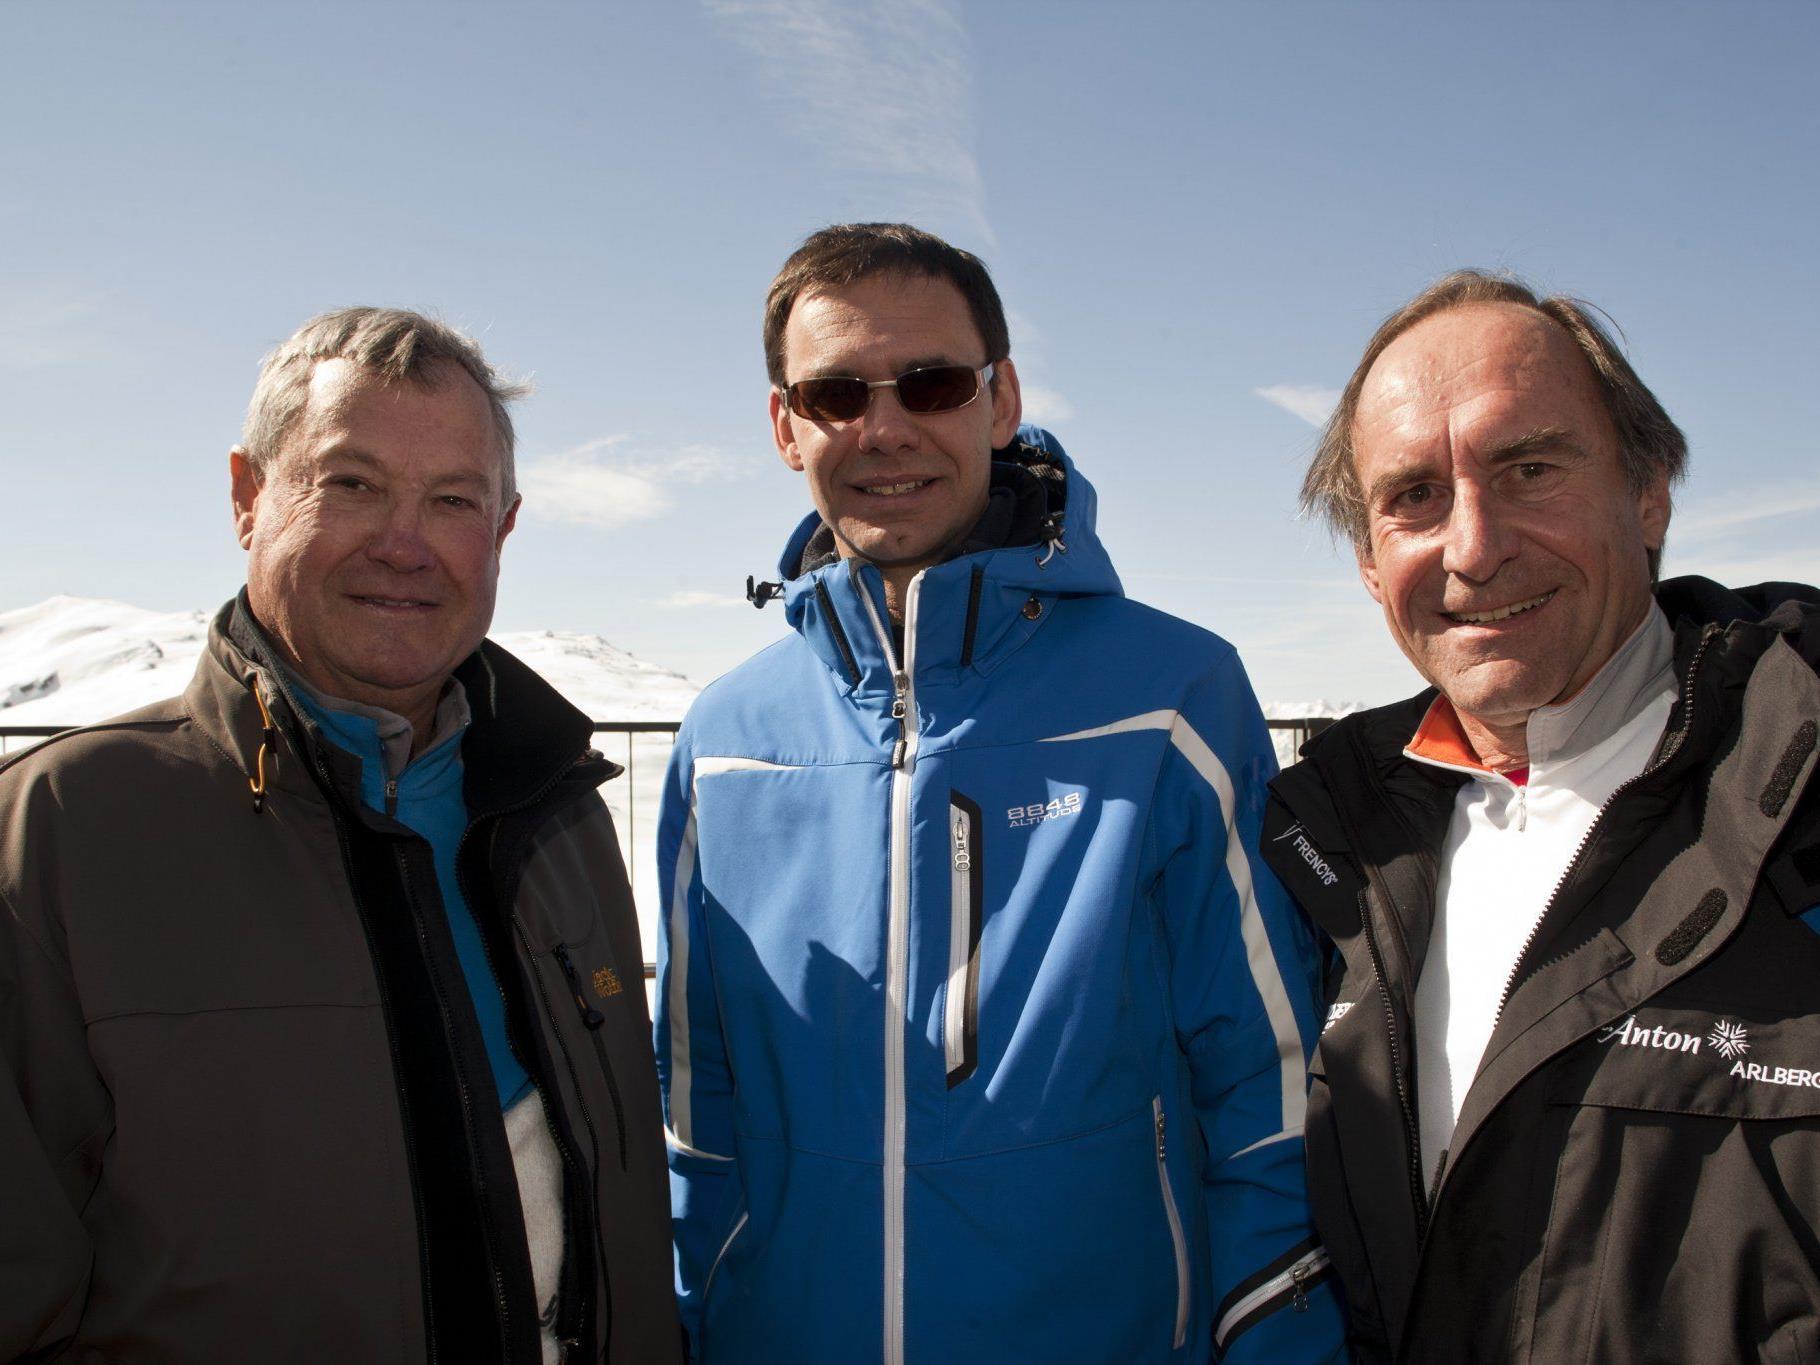 v.l.n.r. Helmut Fend; LH Mag. Markus Wallner; Dipl. Kaufm. Mario Stedile-Foradori auf der Sonnenterrasse des neu errichteten Bergrestaurants Muttjöchle.